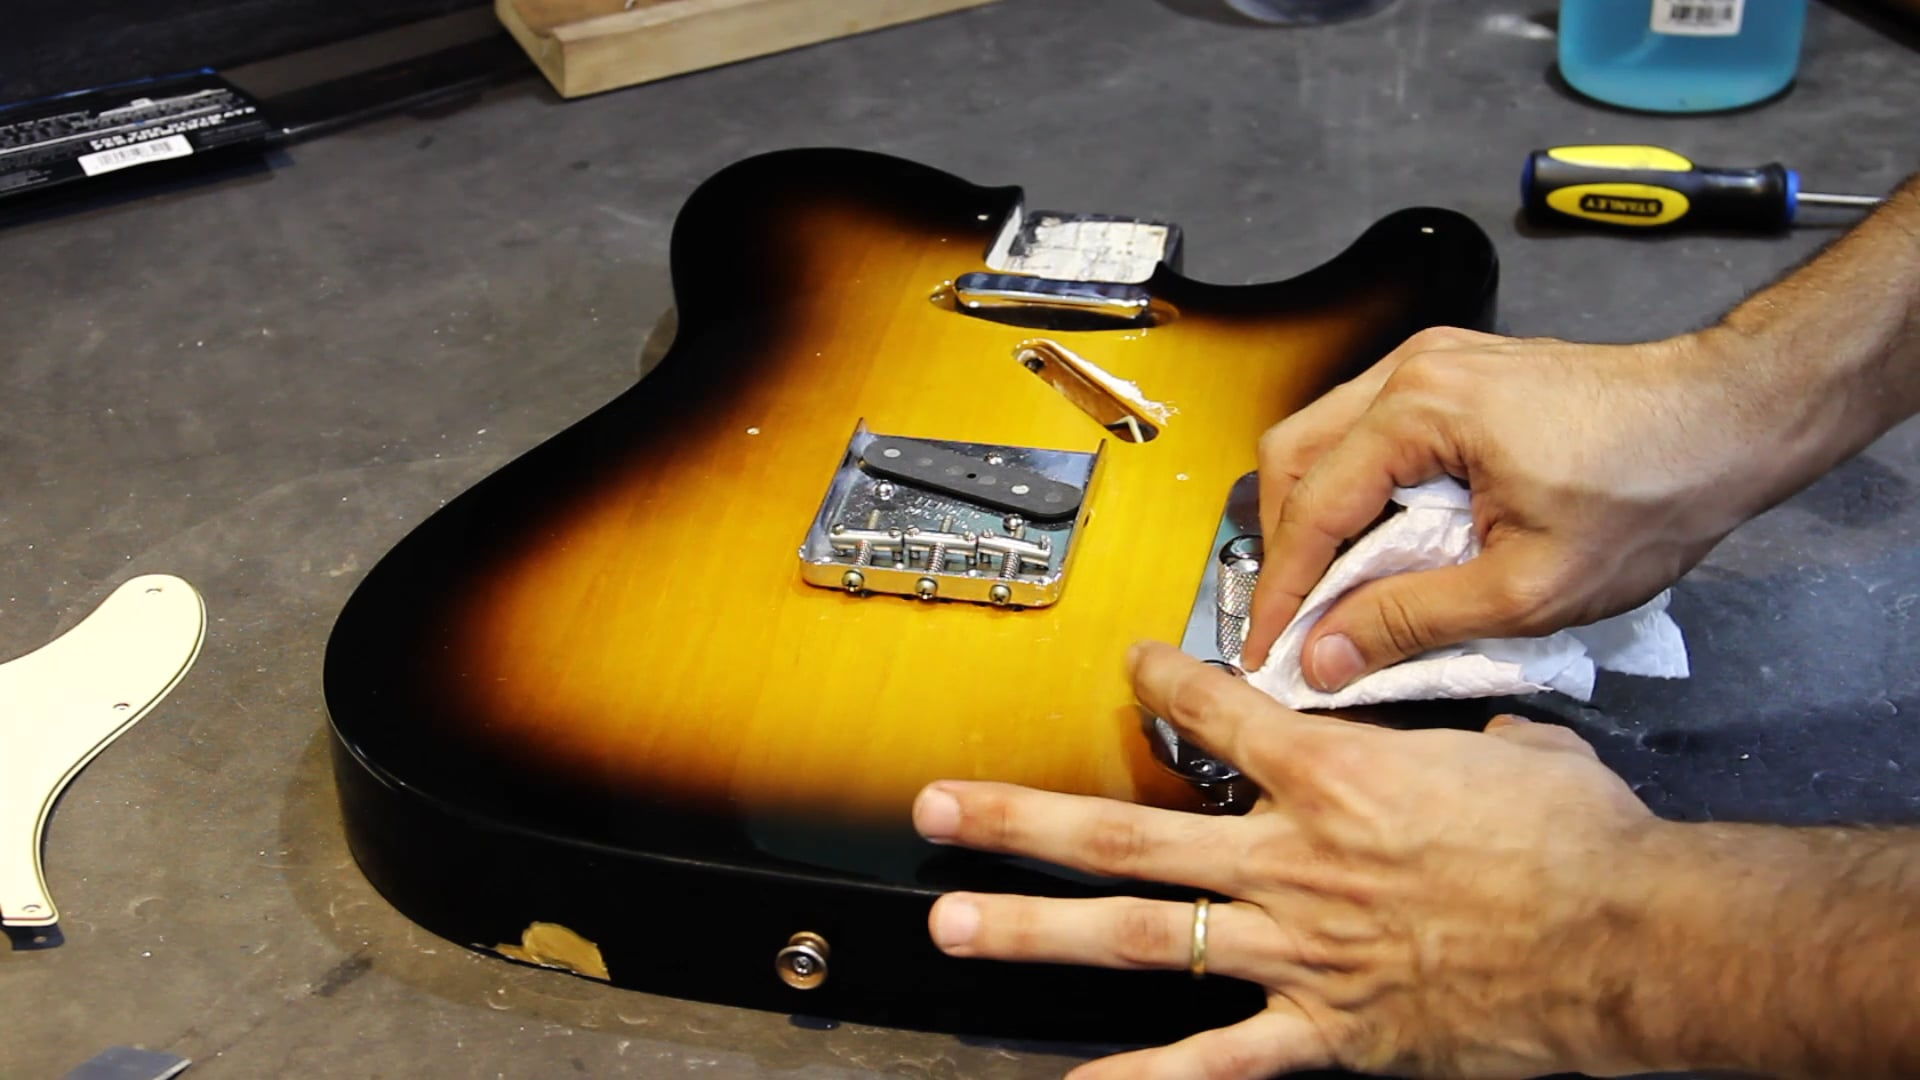 Manutenção para Guitarra Telecaster - Limpeza de Parte Elétrica - Parte 2